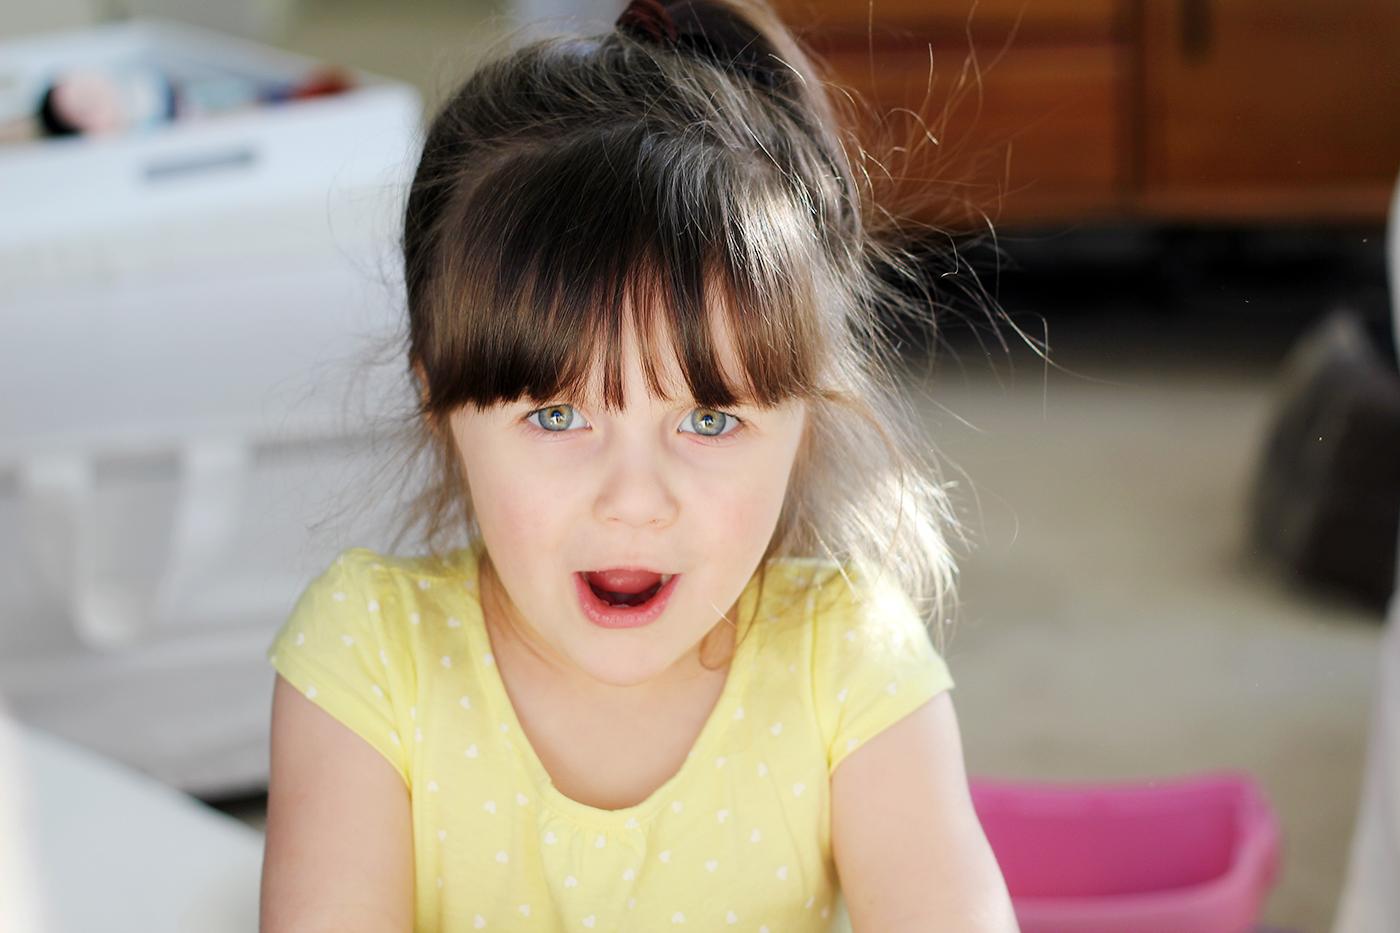 preschool girl face